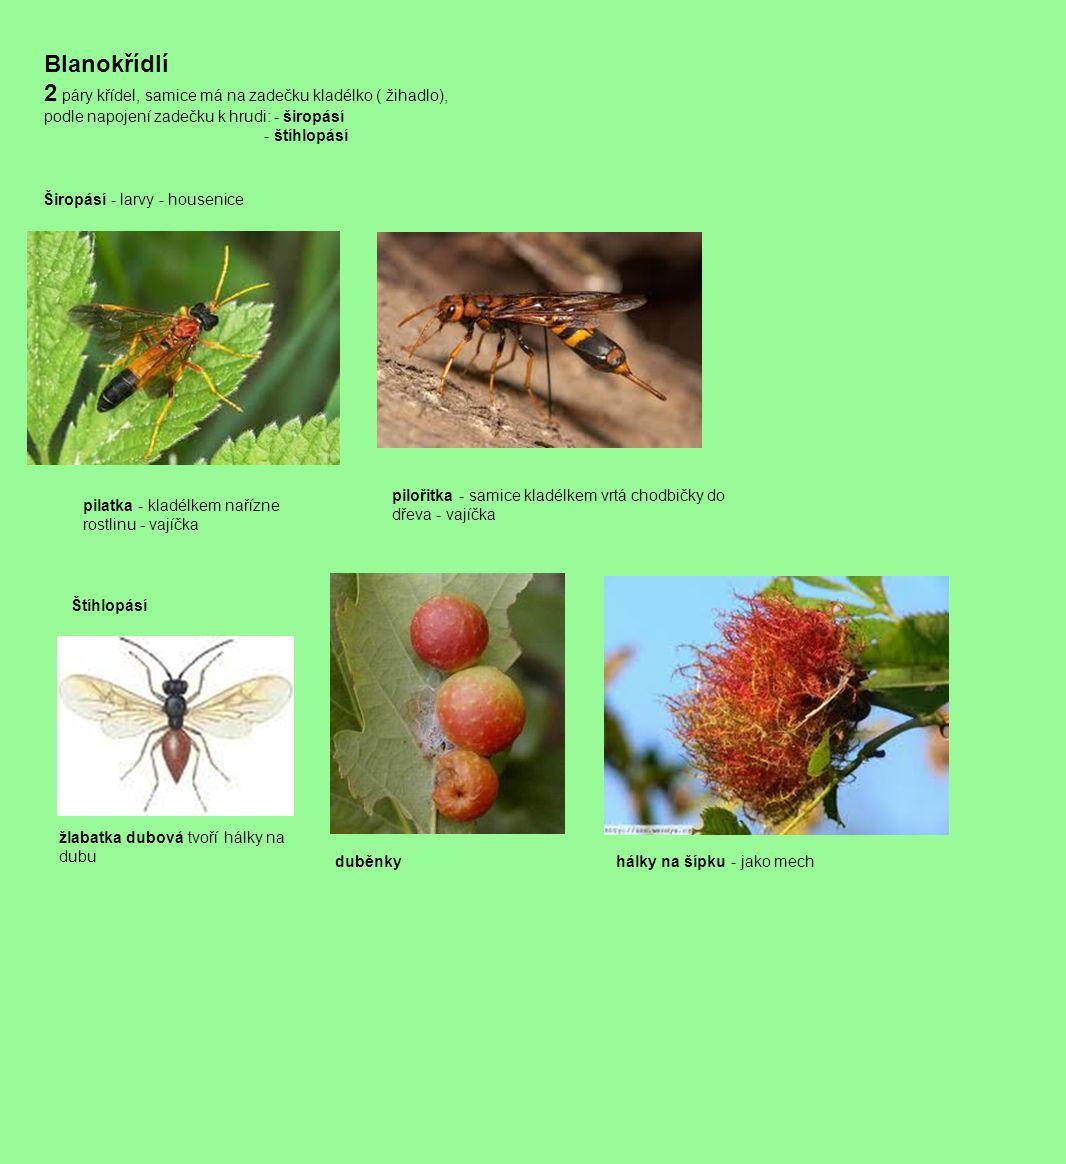 lumek - samice nabodávají kladélkem larvy jiného hmyzu a kladou vajíčka mravenci - mraveniště, samice - královna, křídla mají jen v době rojení, samci po oplození hynou mravenec lesní - CHR mravenec faraón - paneláky mravenec žlutý mravenec žahavý mravenec dřevokaz